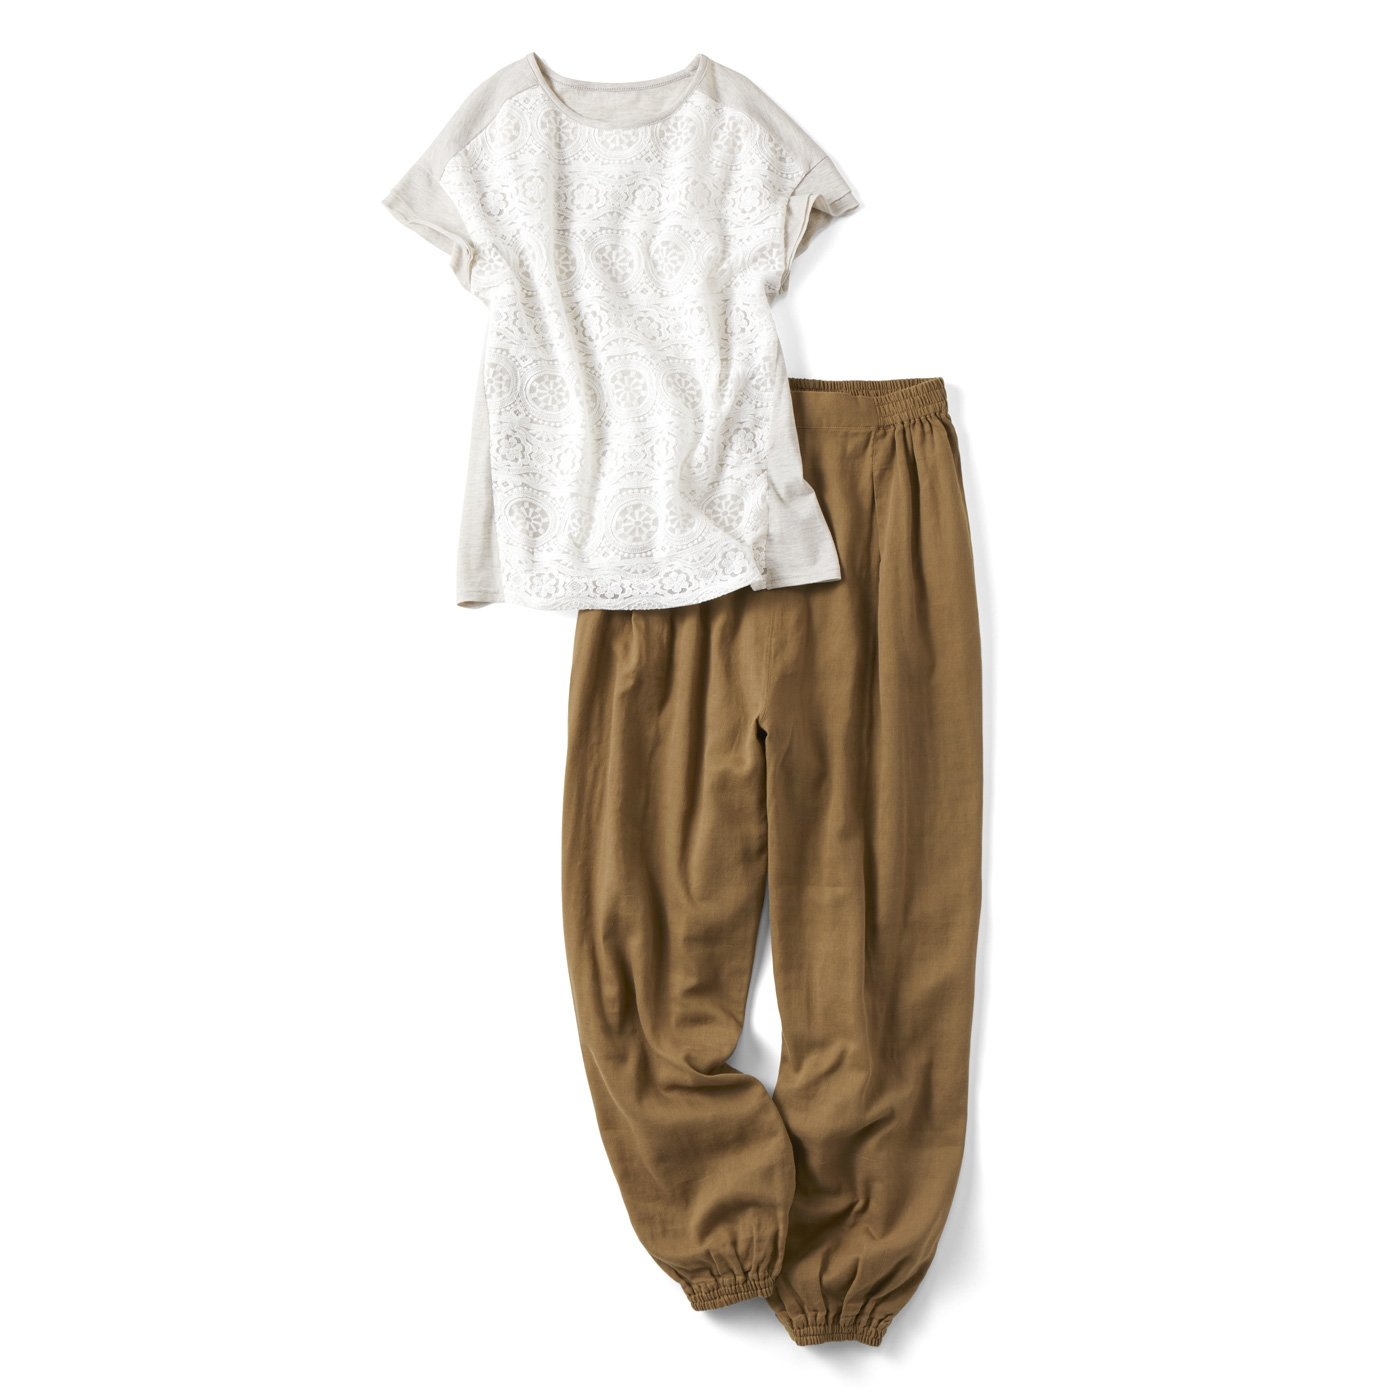 リブ イン コンフォート ダブルガーゼぷかパンツとレースTシャツでつくる 華やかリラックスコーデセット